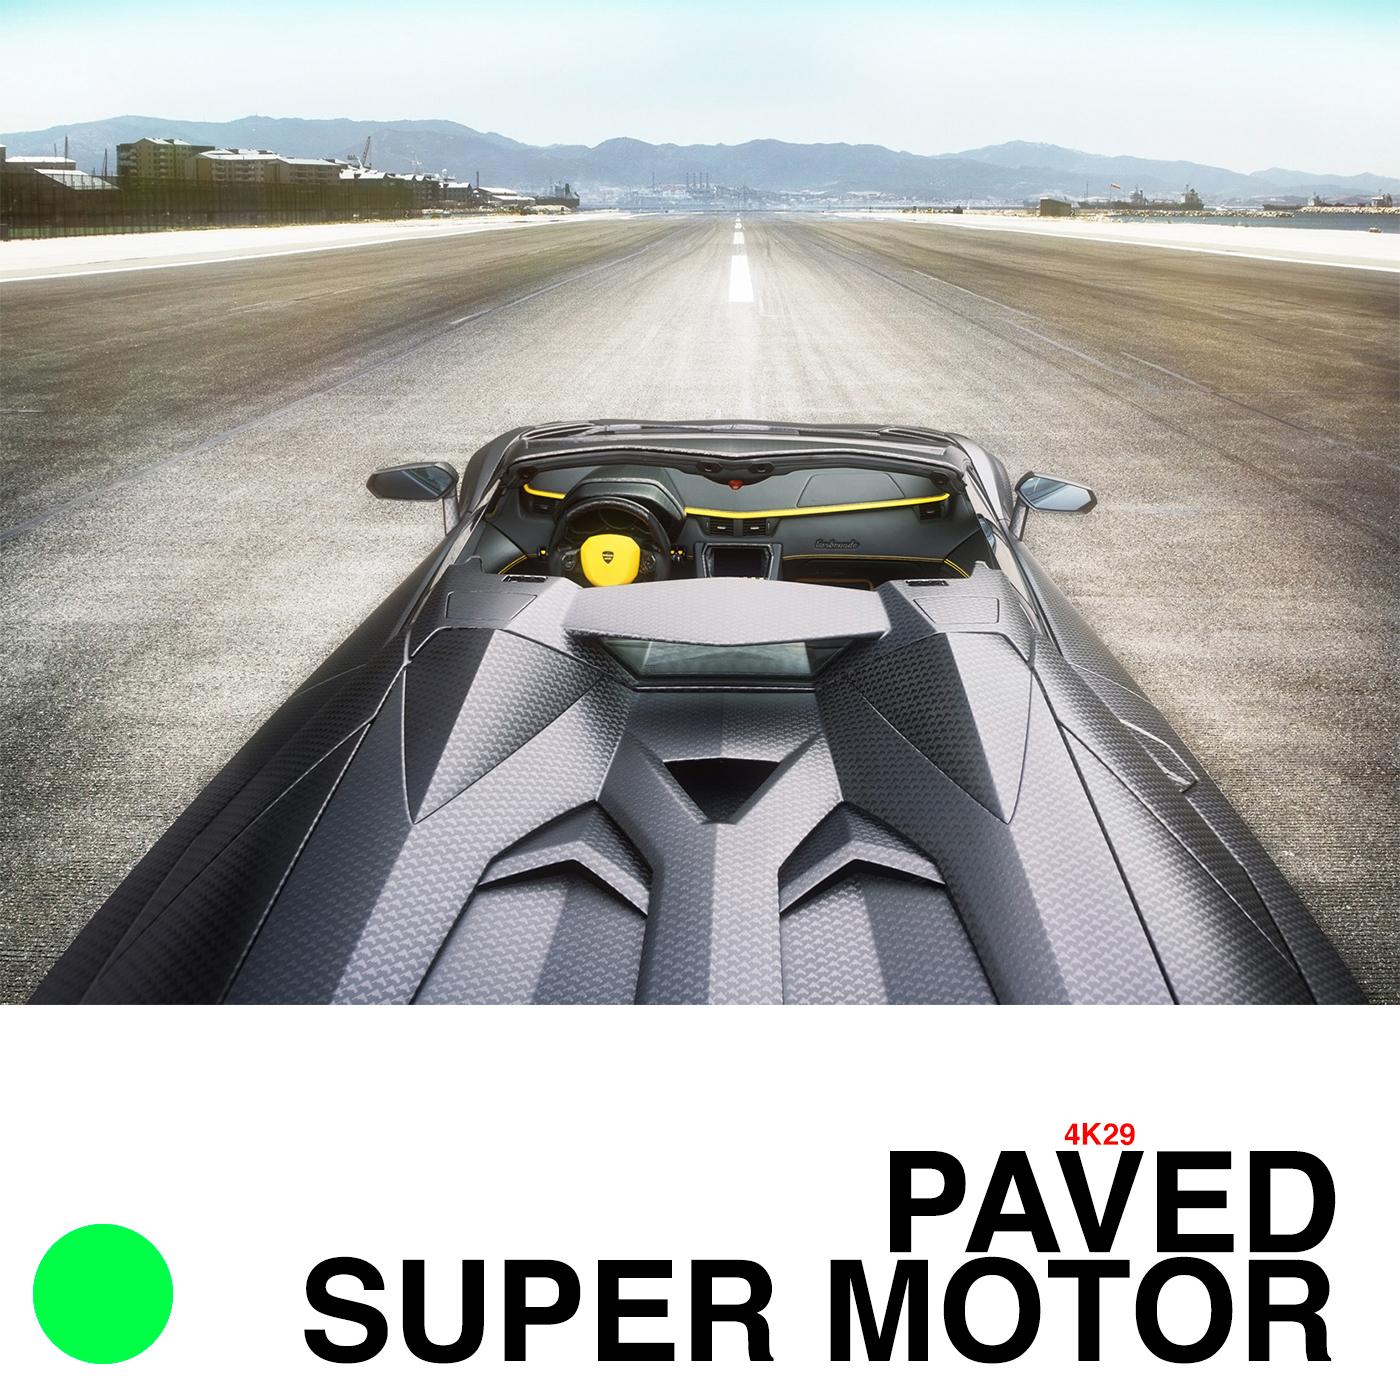 PAVED SUPER MOTOR 4K29